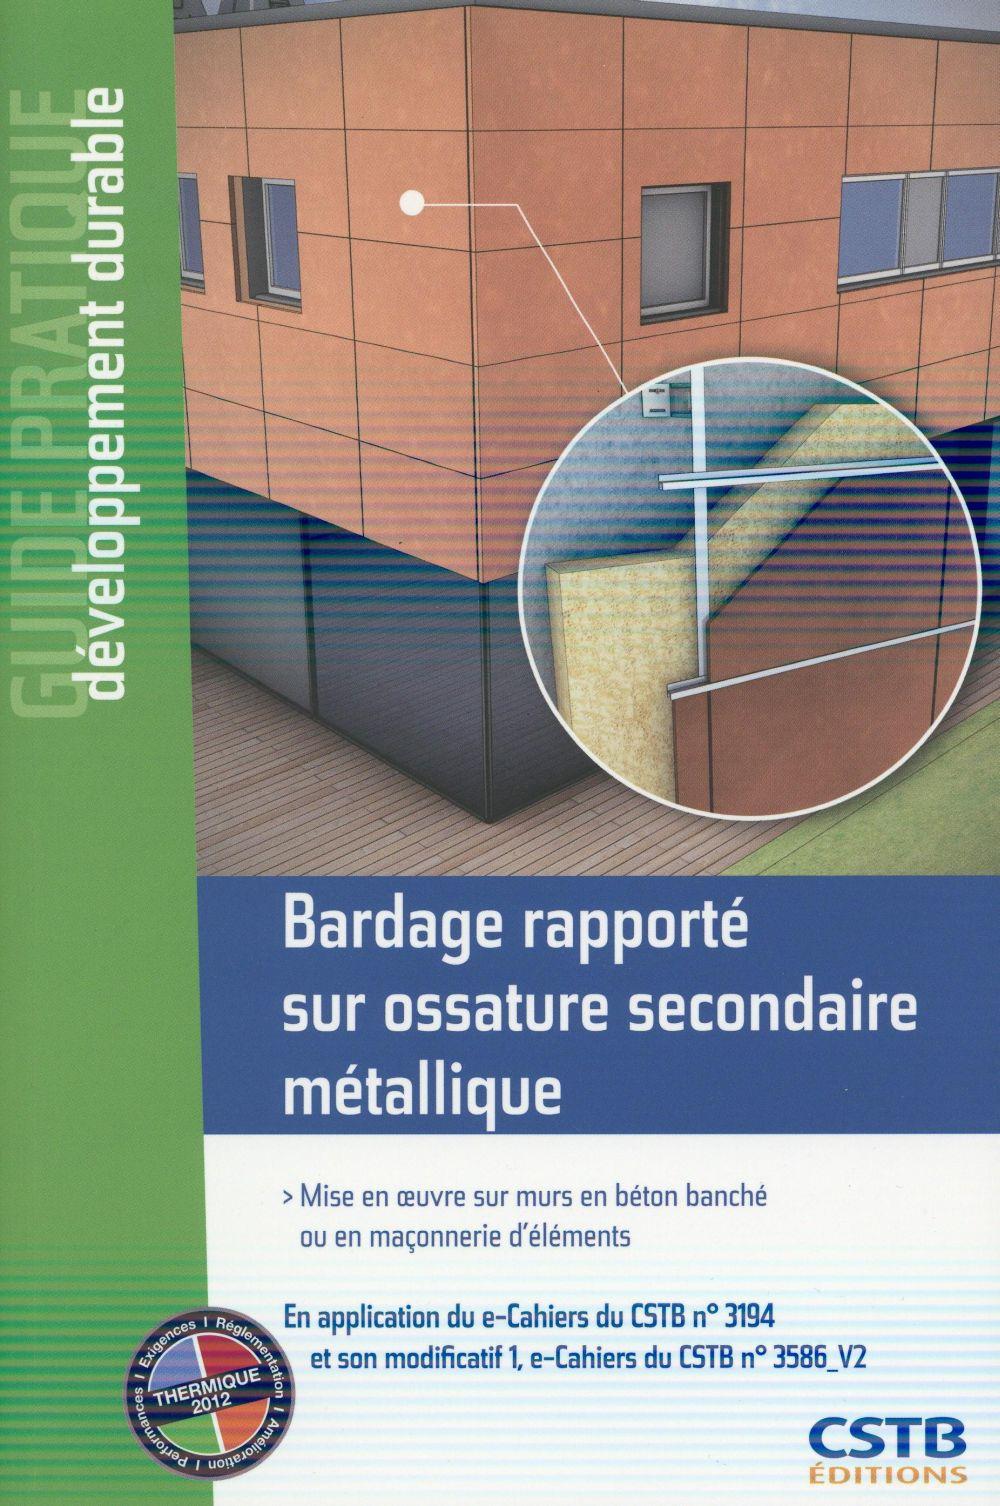 Bardage Rapporte Sur Ossature Secondaire Metallique Mise En Oeuvre Sur Murs En Beton Banche Ou En Ma